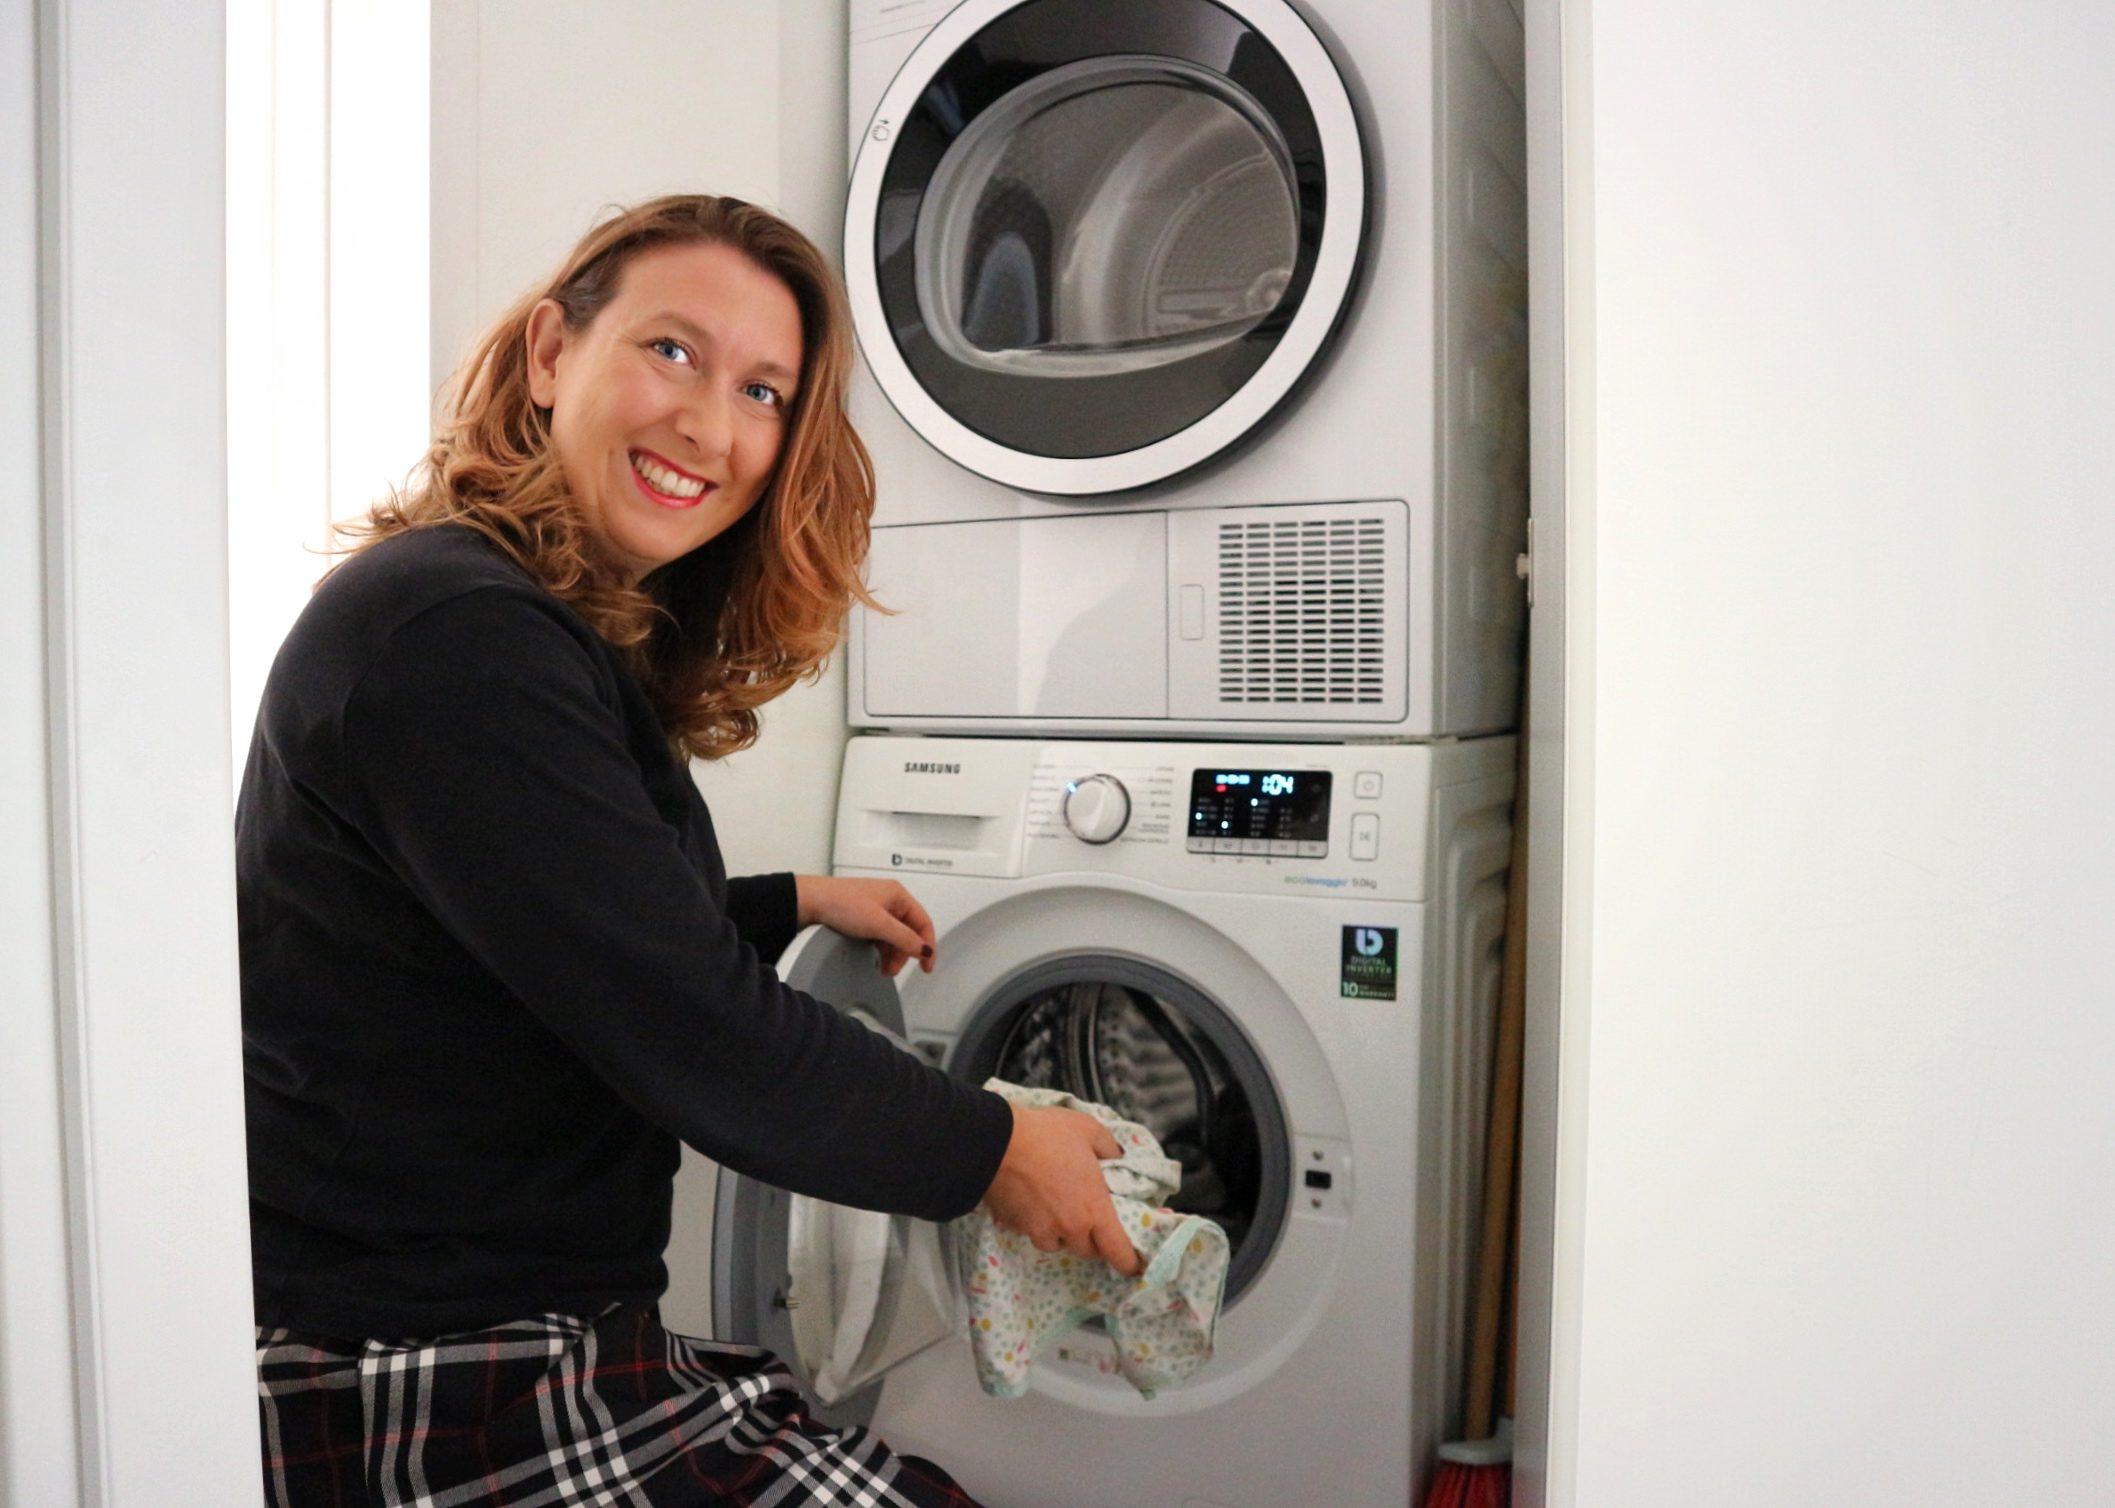 Lavatrice e asciugatrice slim come sceglierle per una for Lavatrici slim misure